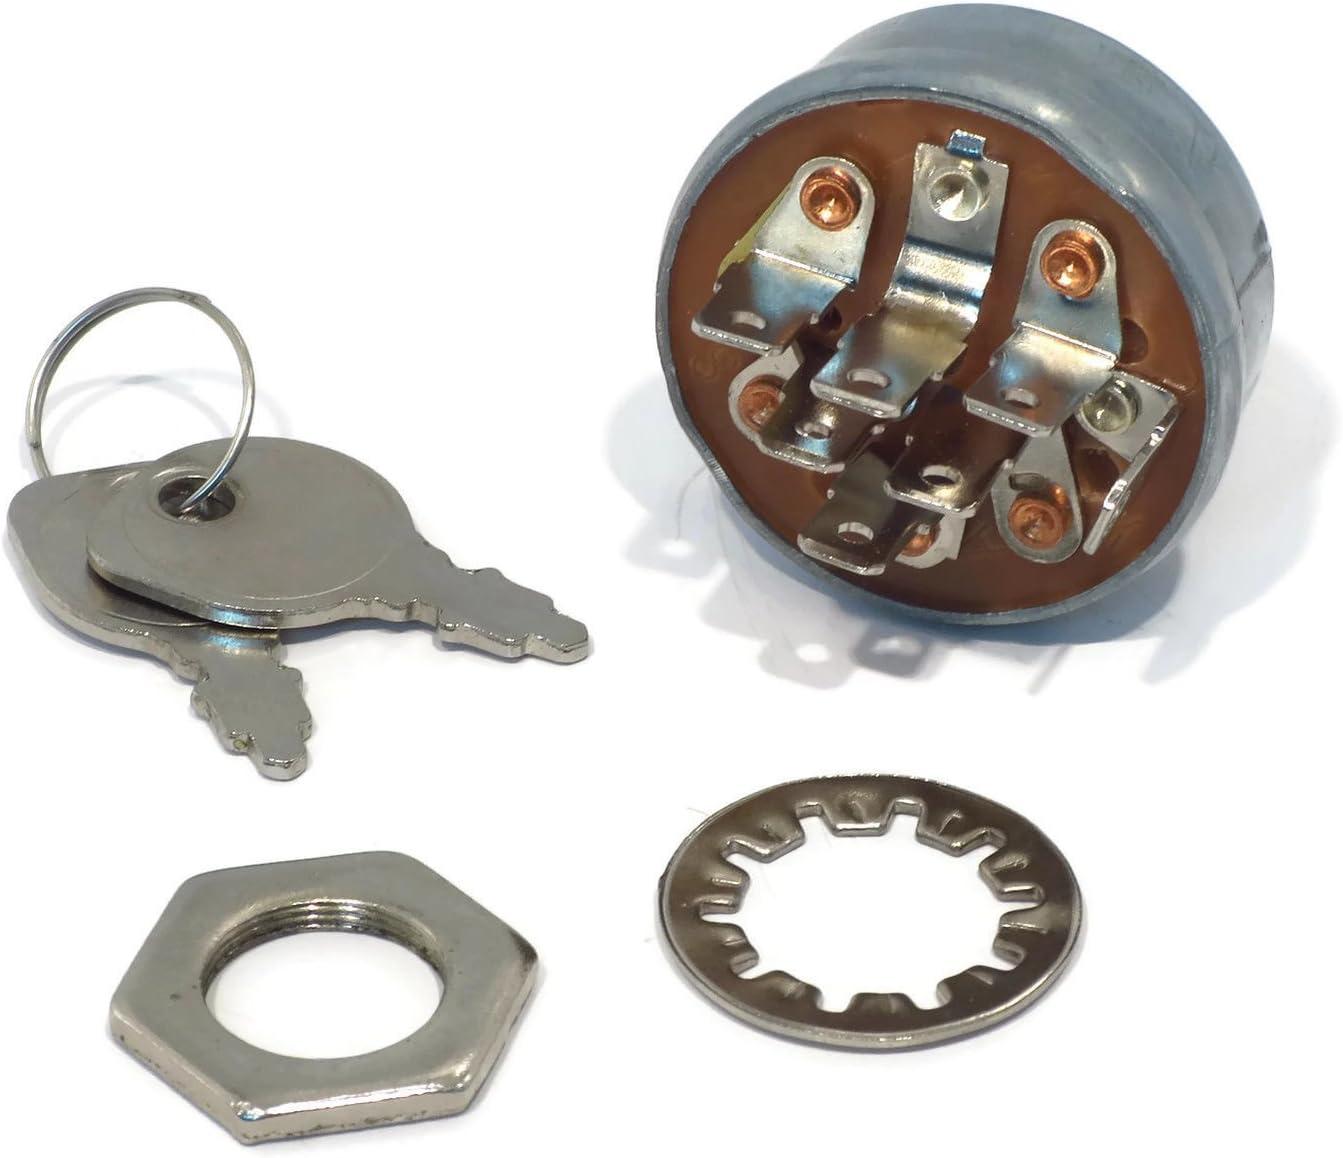 New Ignition Starter Key Switch for Hustler 045898 Husqvarna 532158913